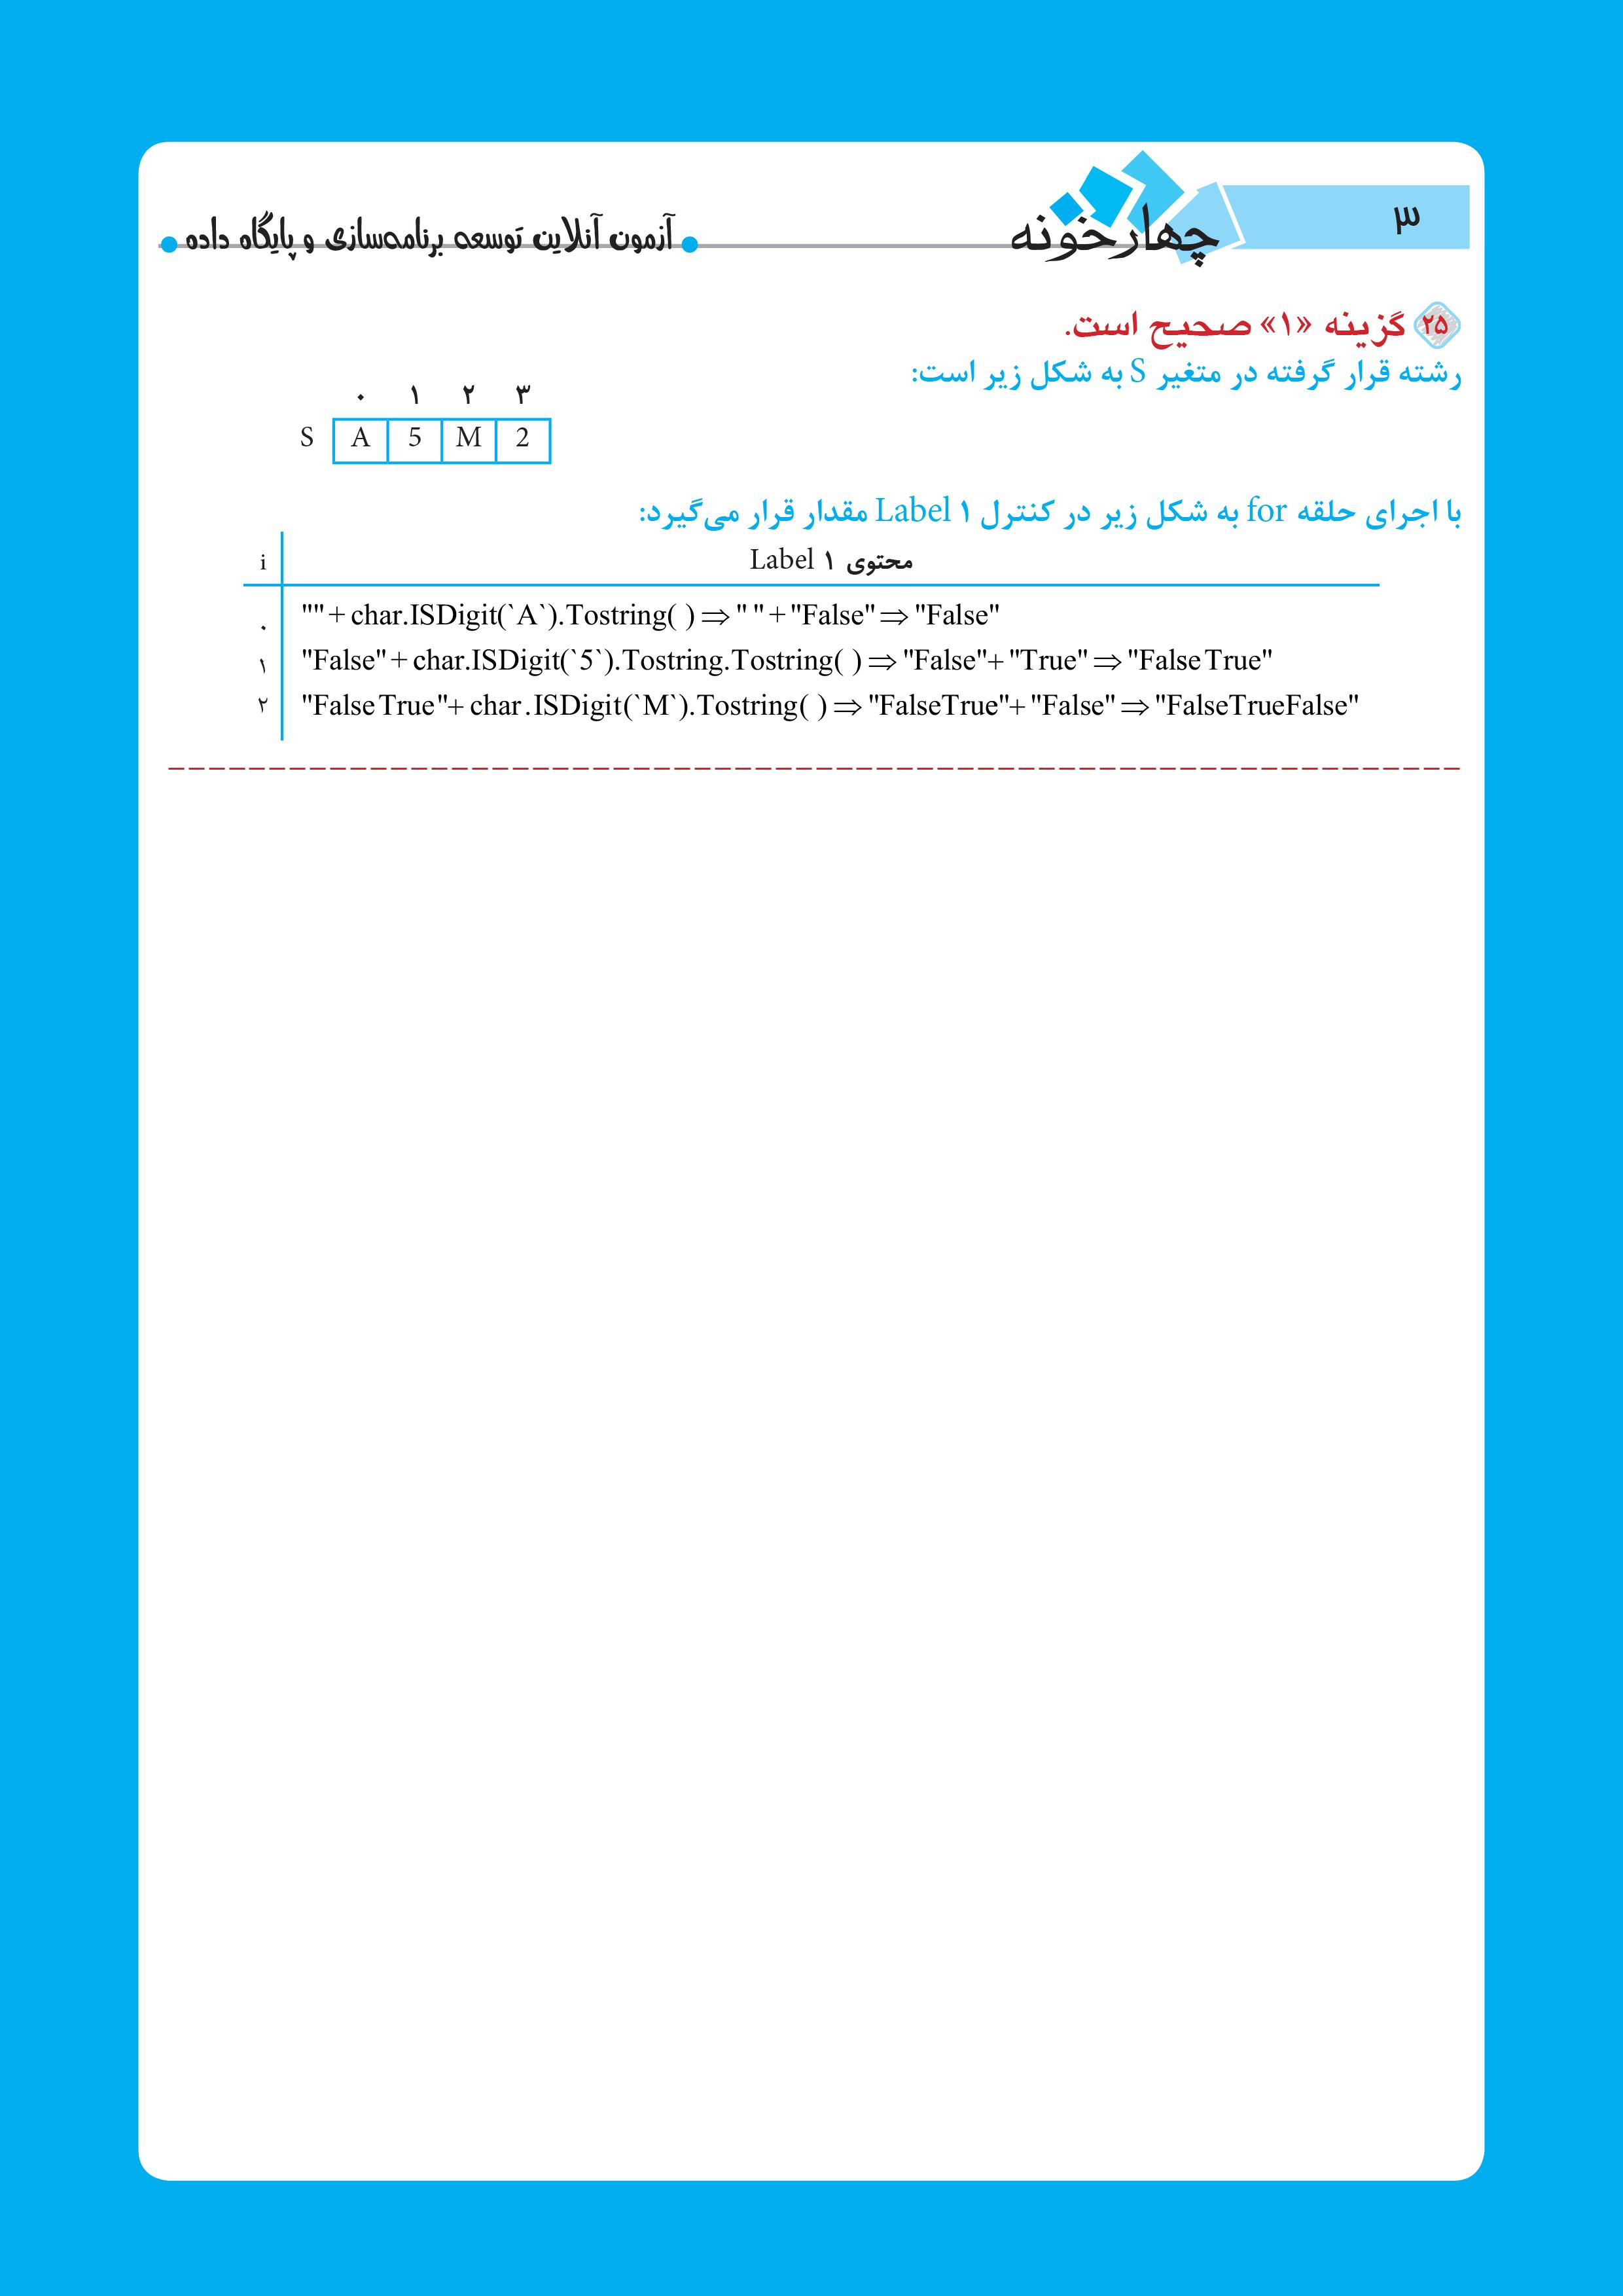 آزمون آنلاین توسعه برنامه سازی و پایگاه داده